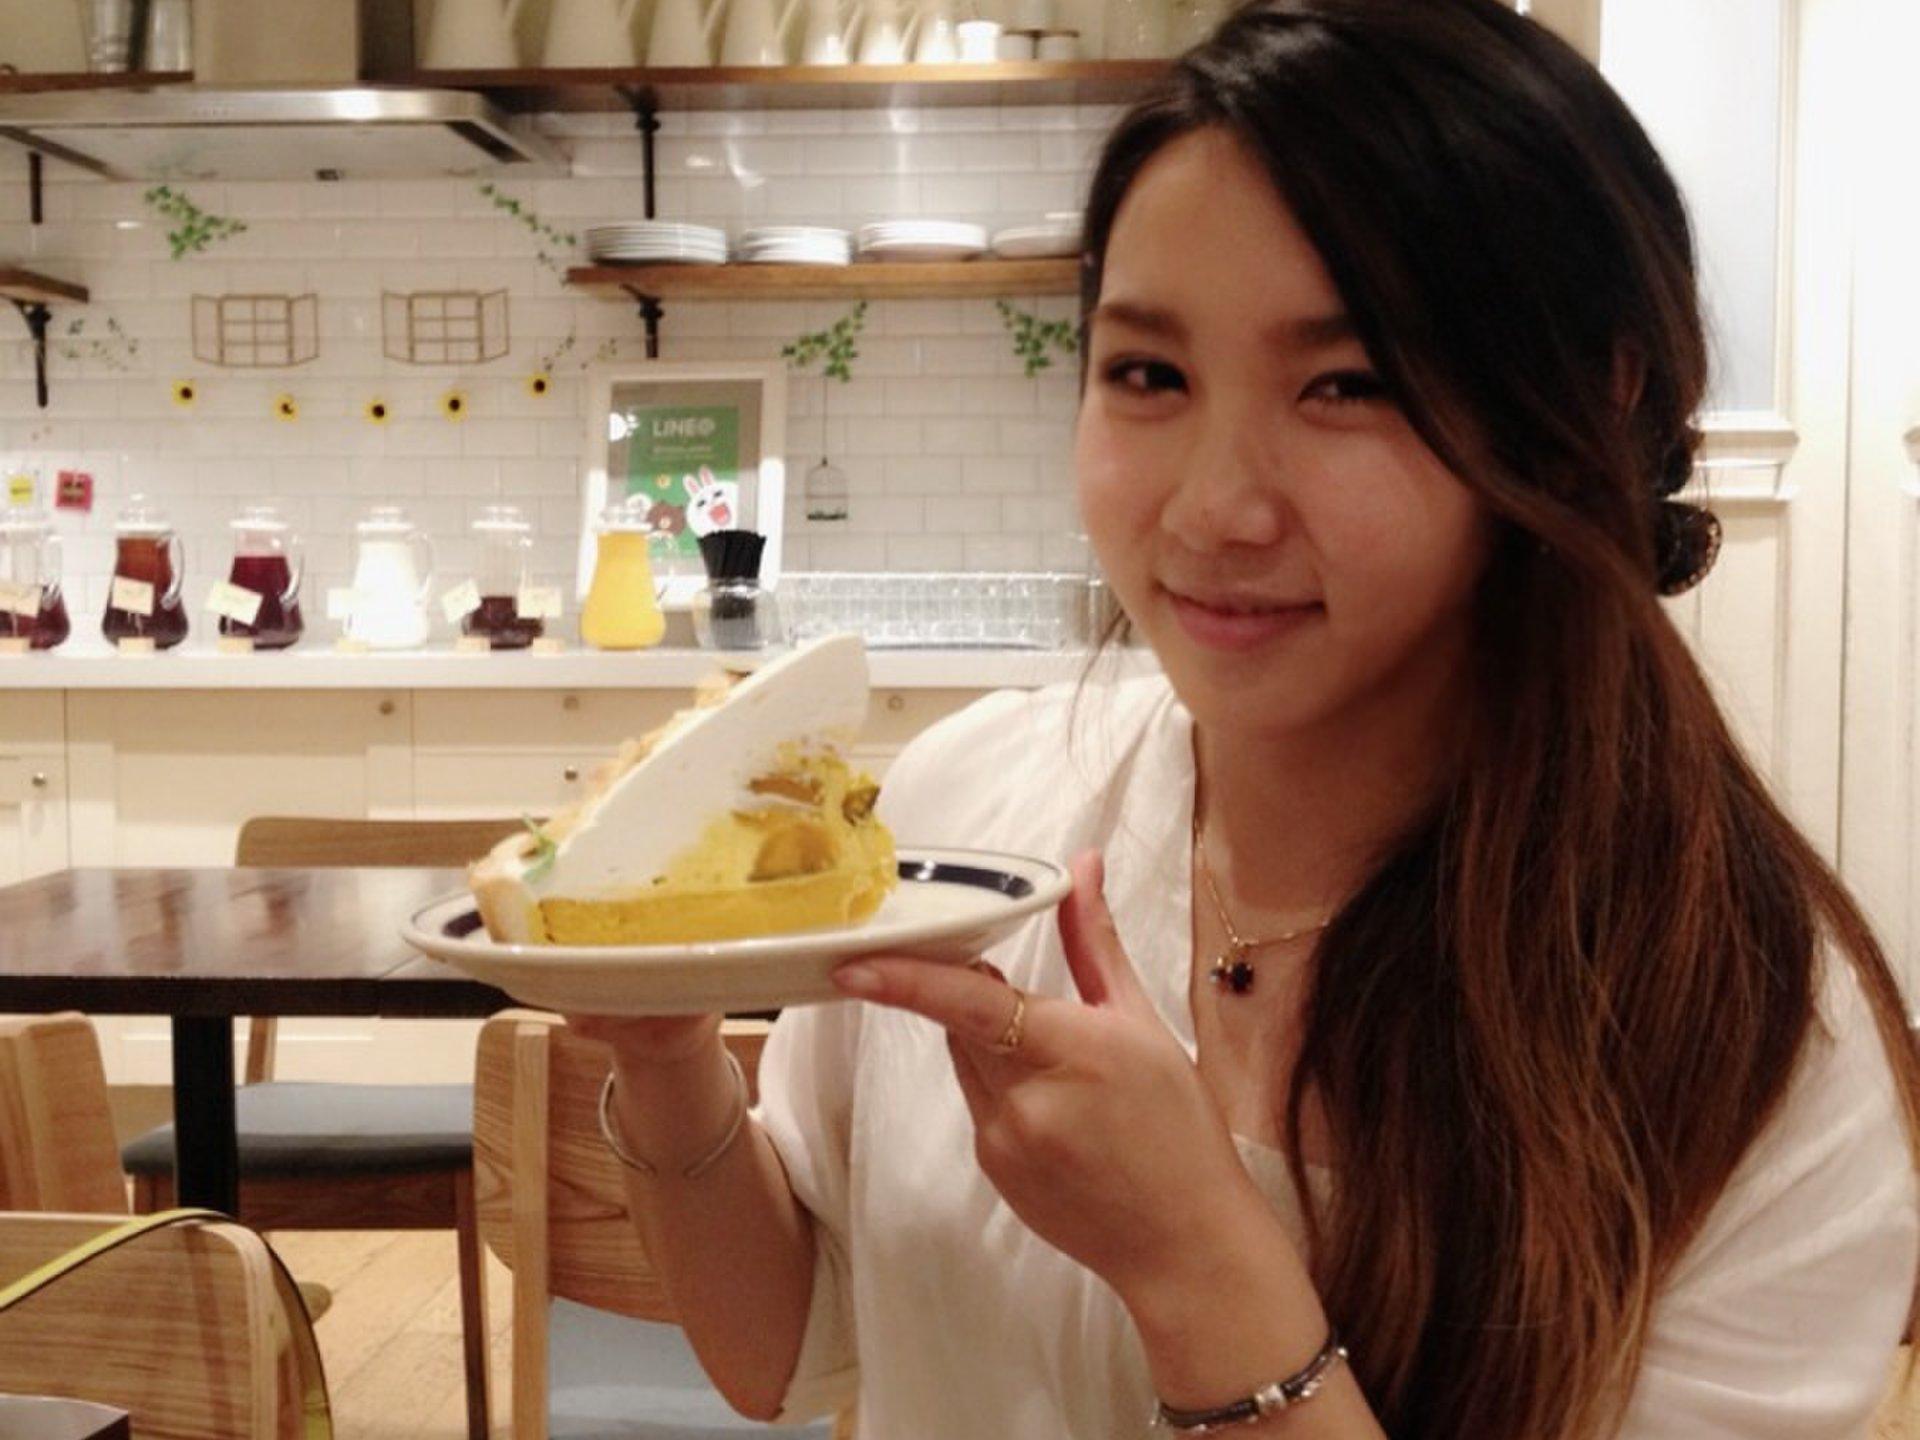 家カフェ❤︎スノーアイス・野菜タルト&ドリンクバーが楽しめる◆無料WIFI有‼︎【新宿駅直結】